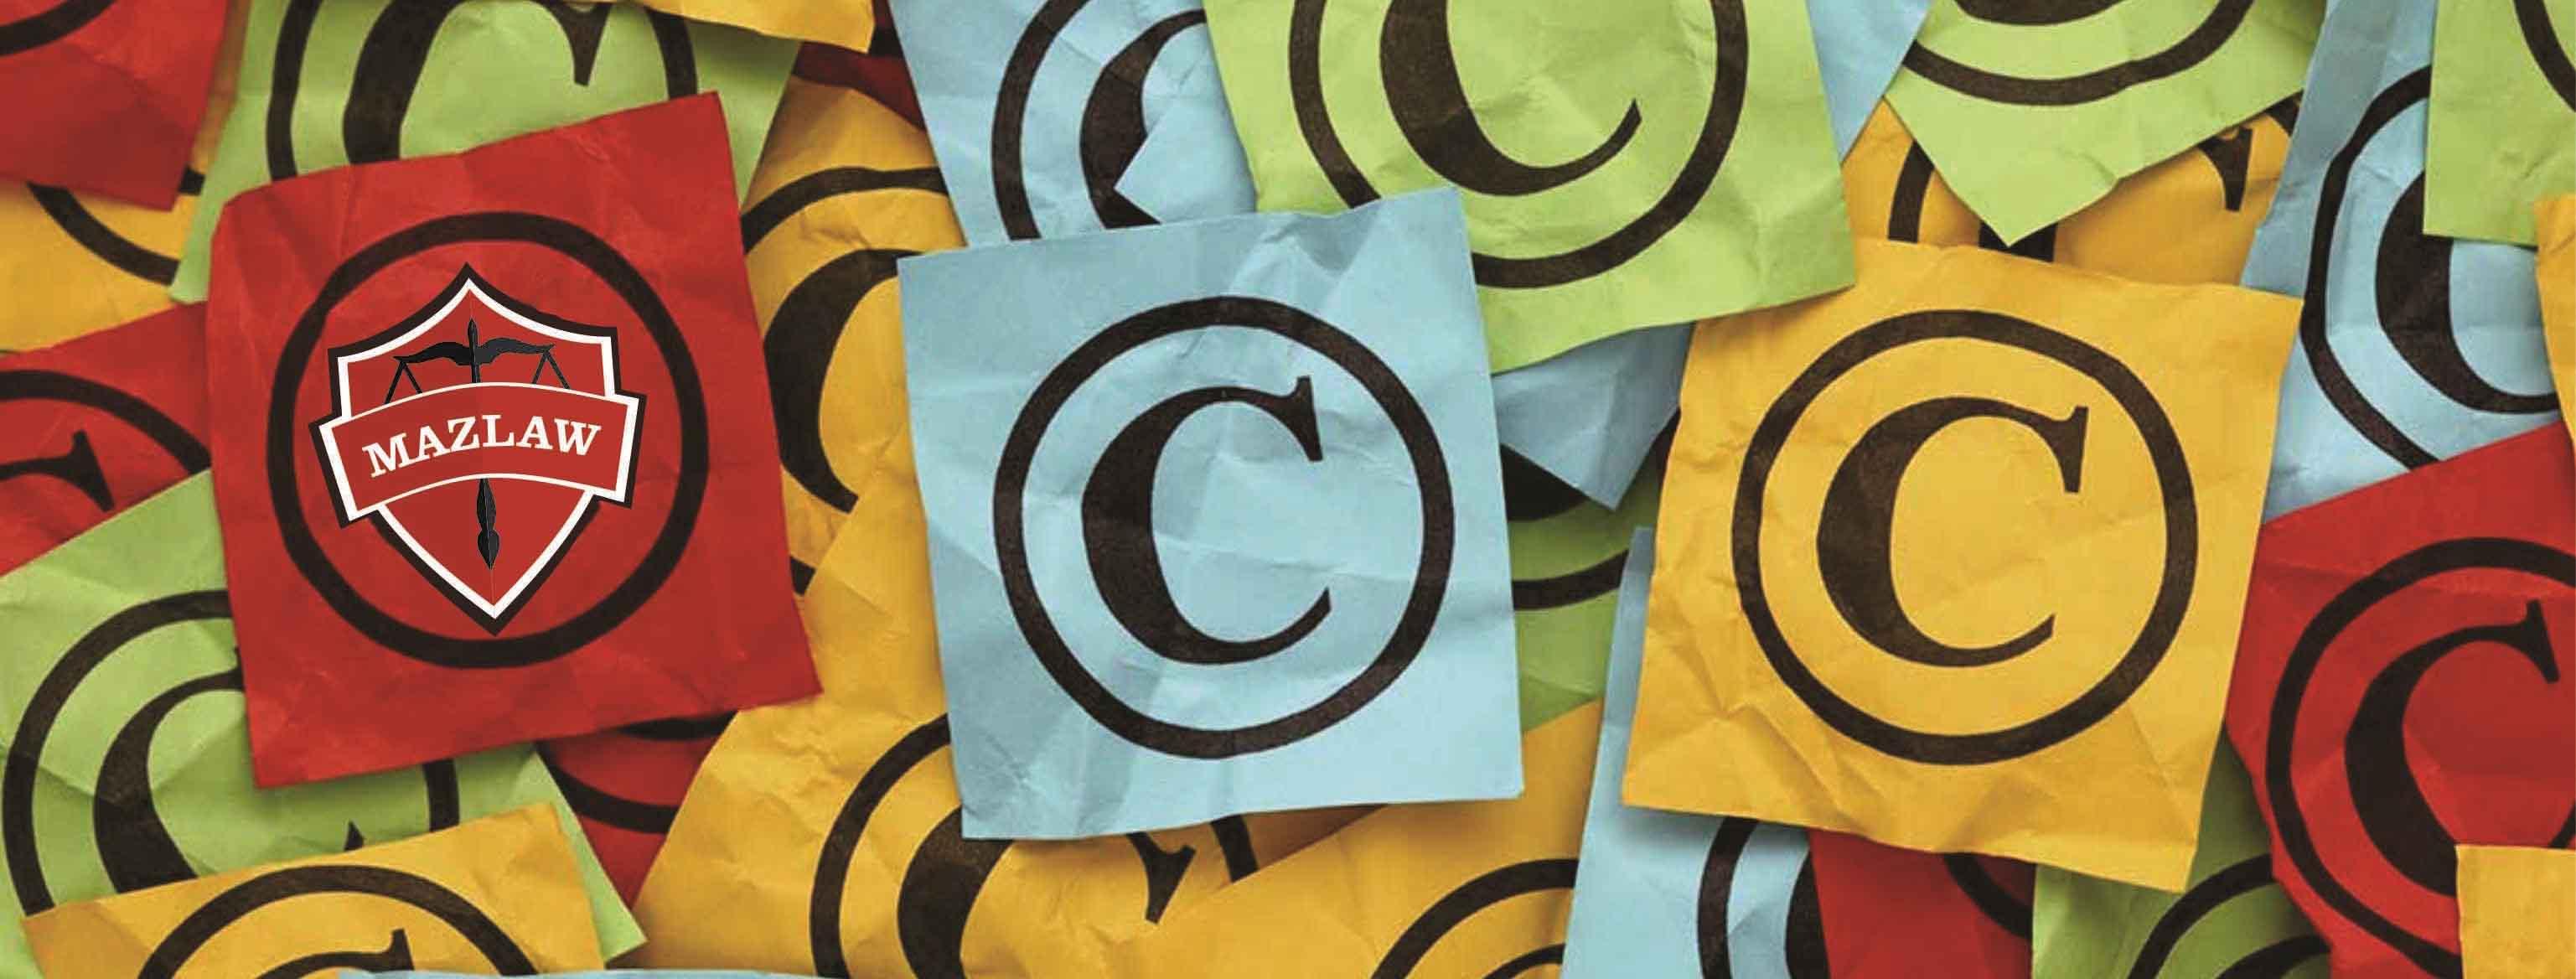 Hướng dẫn đăng ký bản quyền thương hiệu cà phê